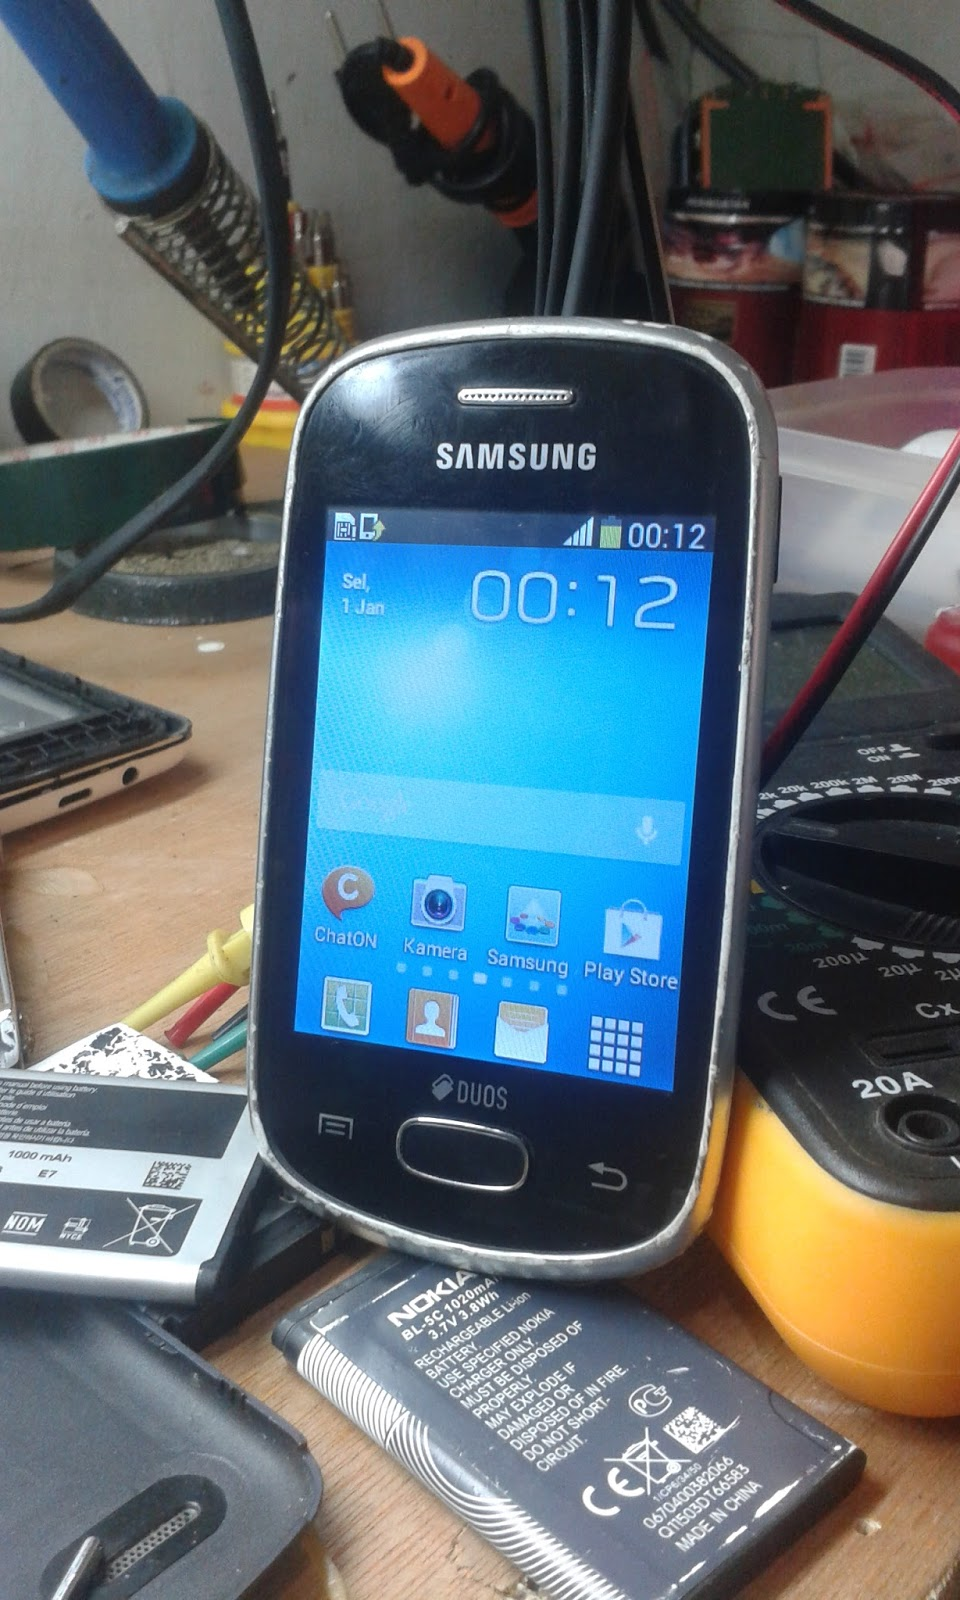 Ndhe Palon Solusi Samsung Star S5280 S5282 Konslet Atau Mati Total